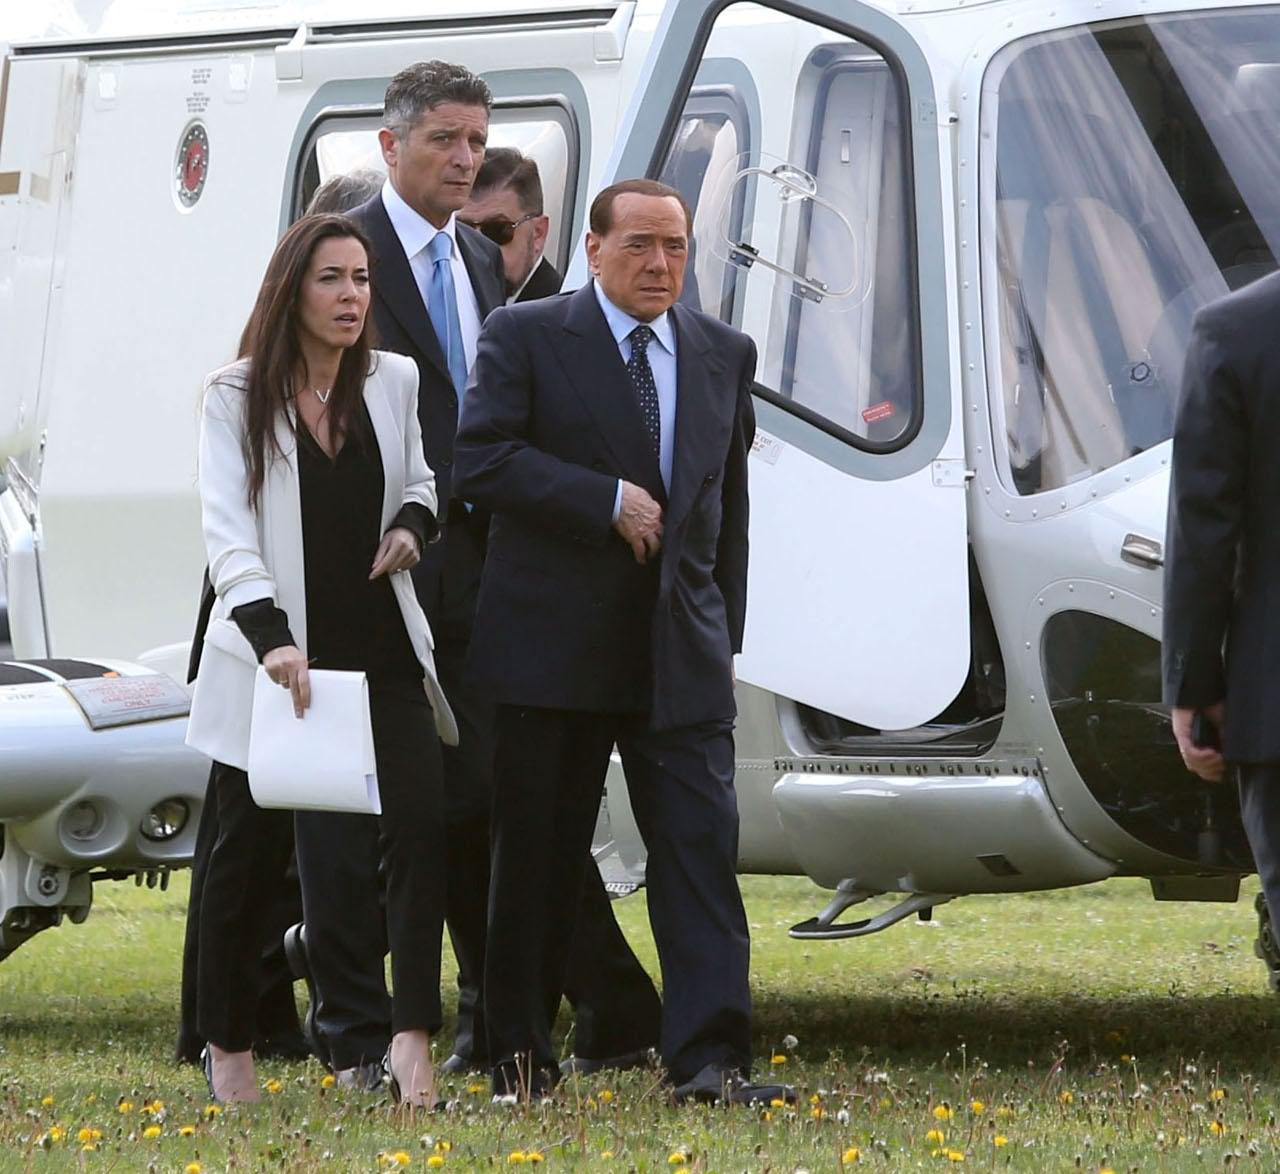 Elicottero Silvio Berlusconi : Salone del mobile berlusconi arriva in elicottero e